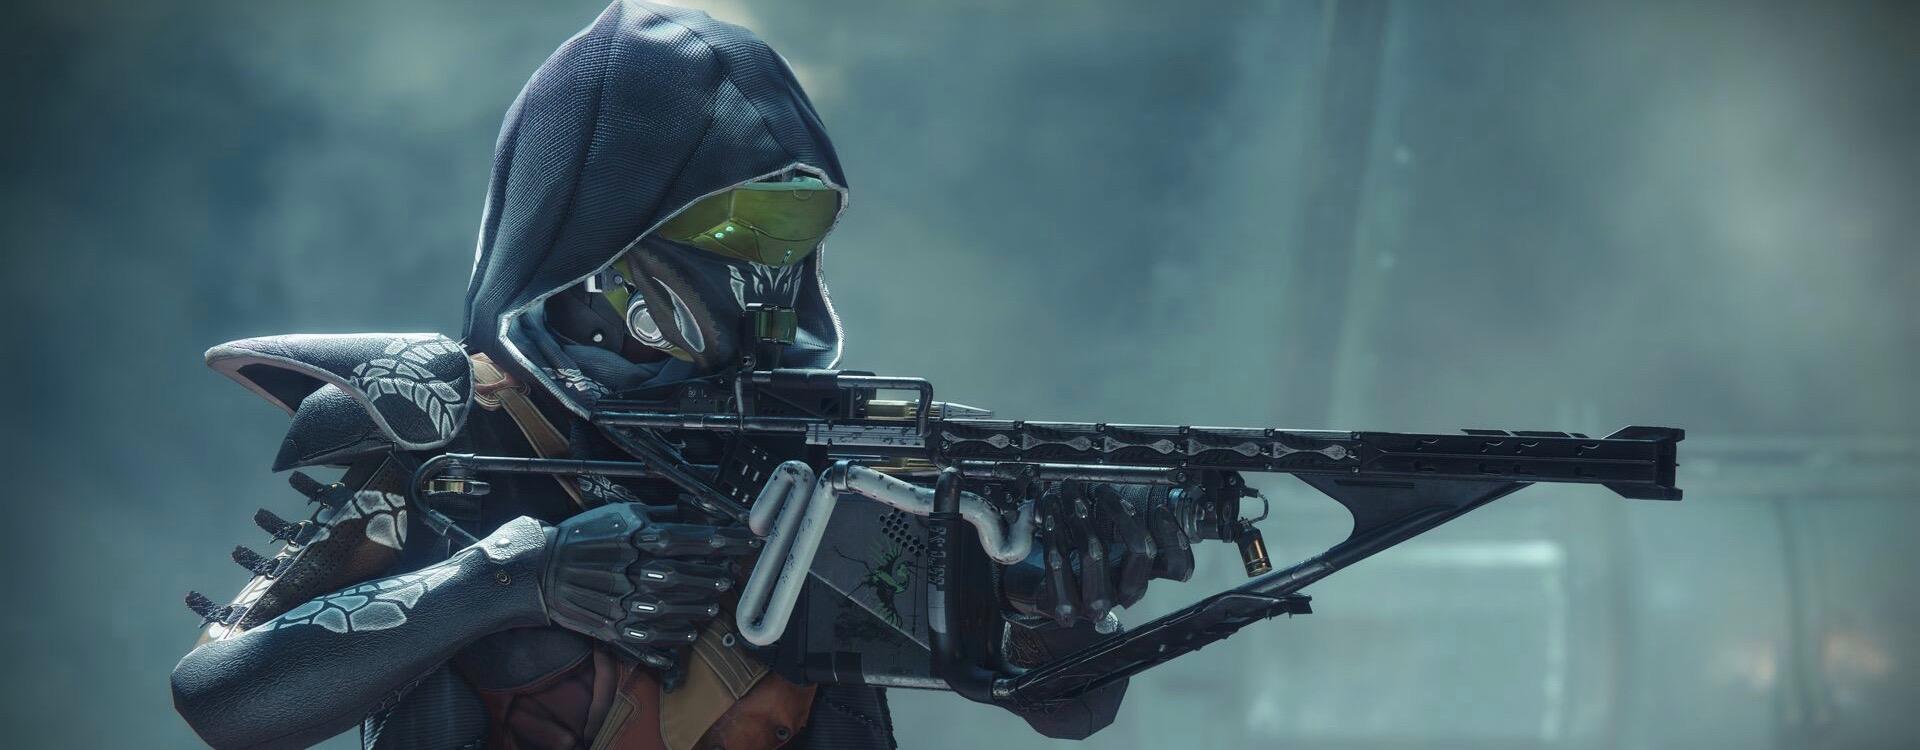 Destiny 2: Wo bleibt Arbalest, das neue Waffen-Exotic der Season 6?